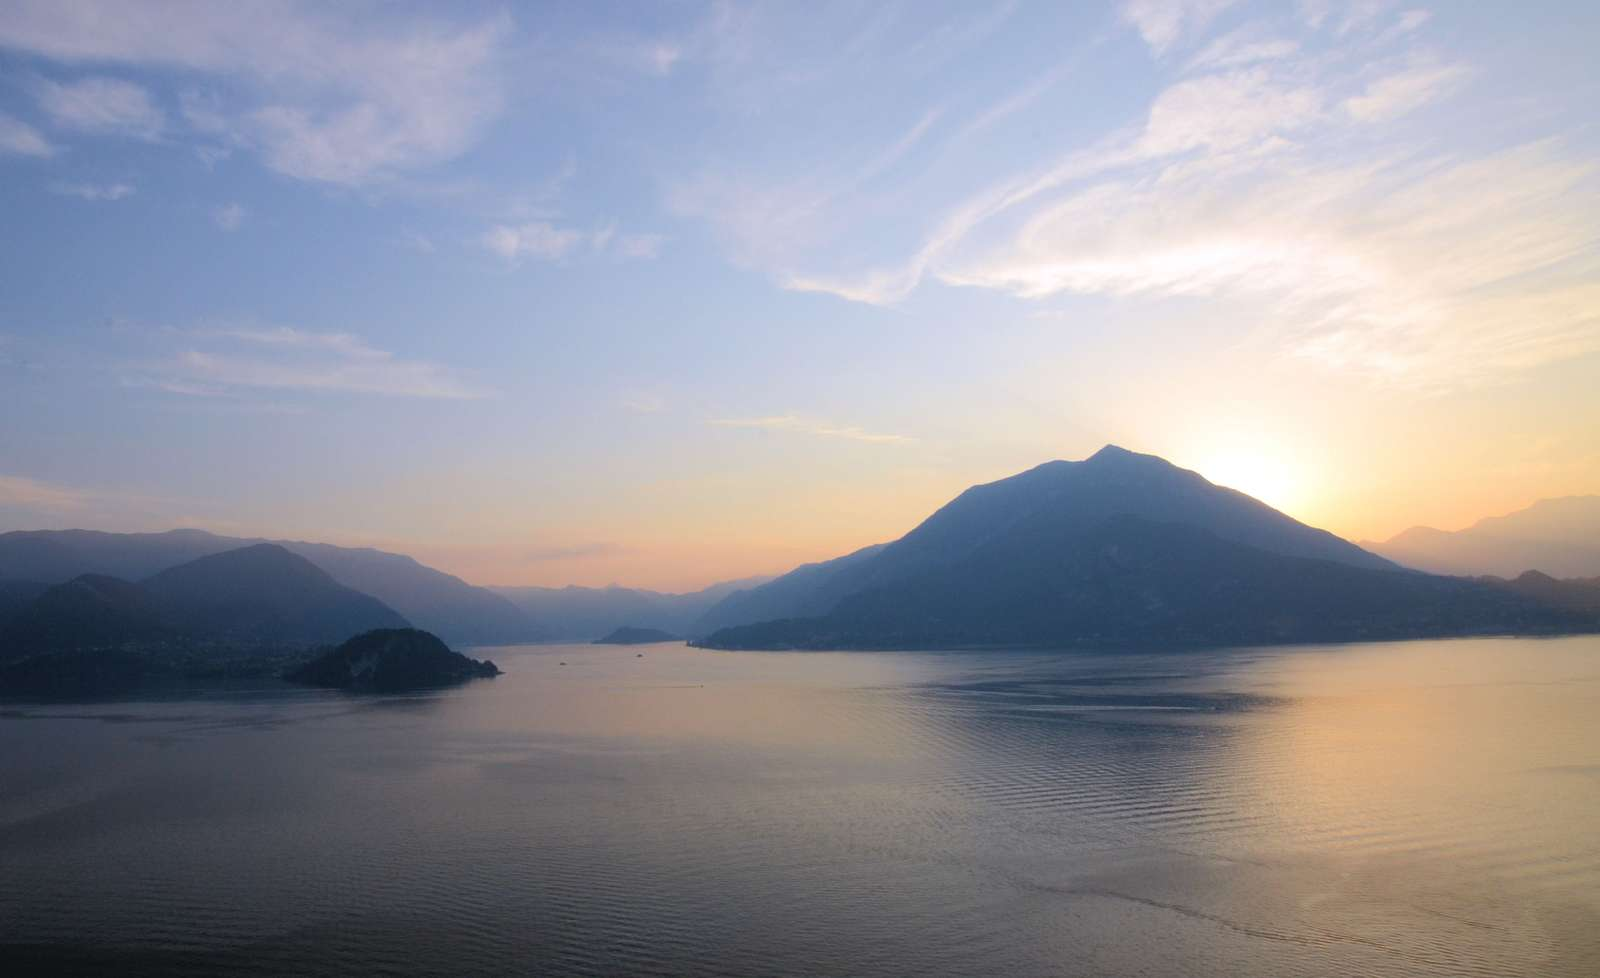 Le coucher de soleil sur le lac de Côme peut être contemplé depuis le restaurant